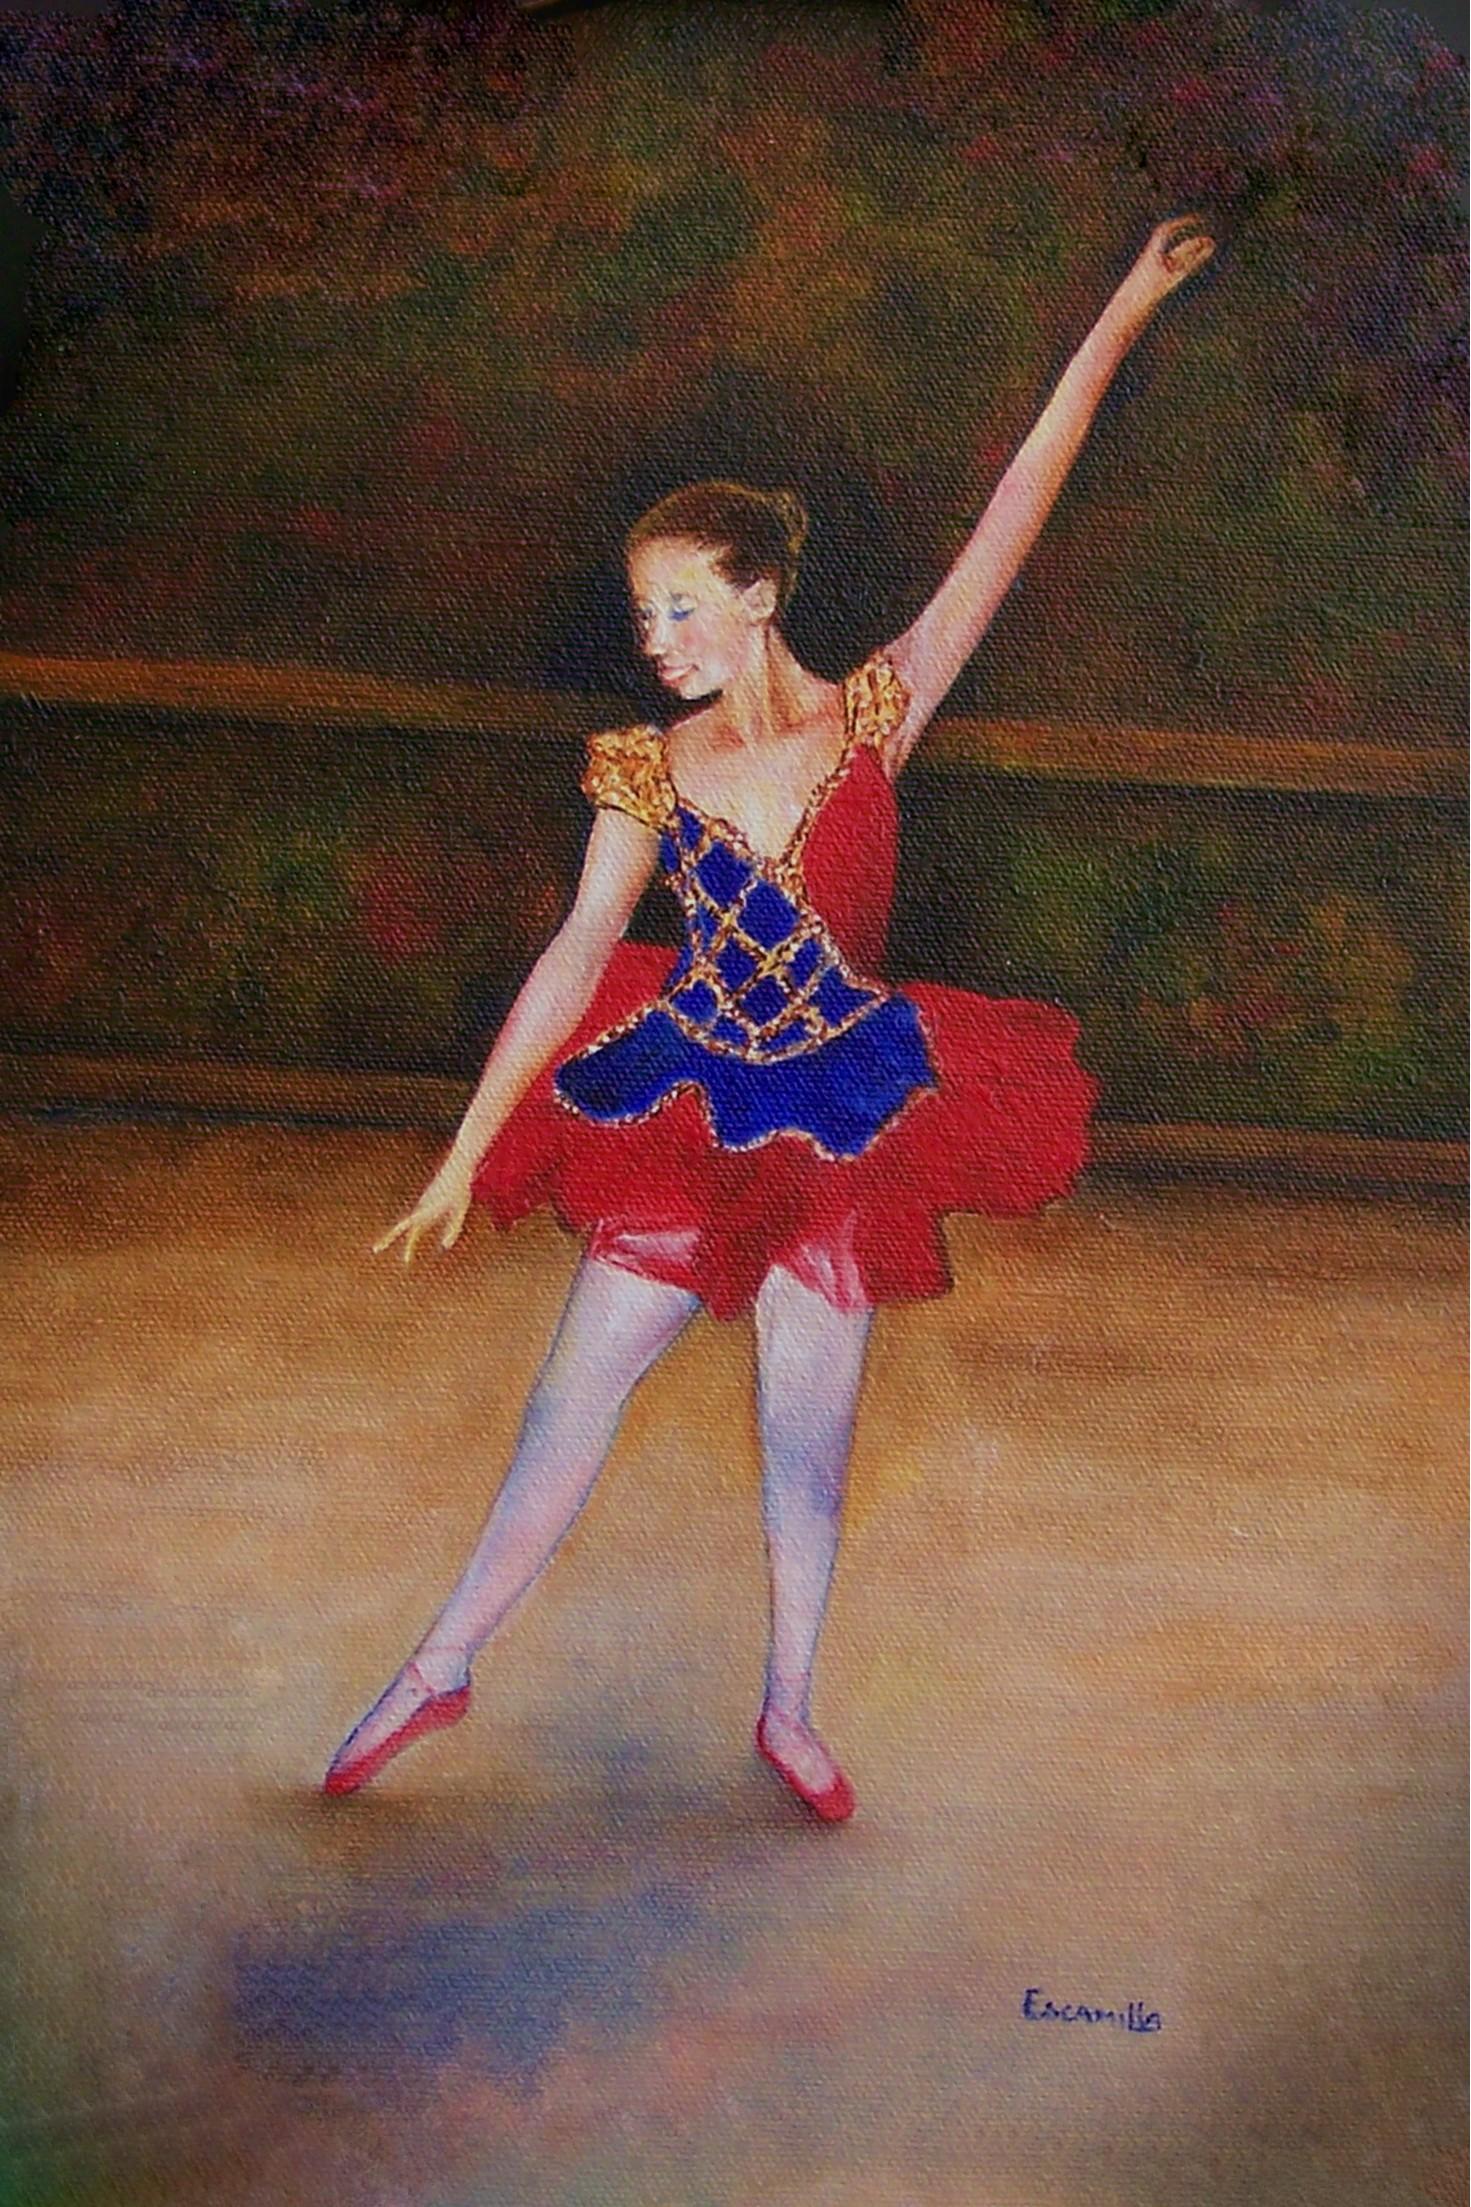 Nutcracker_ballet_alexis_ballerina